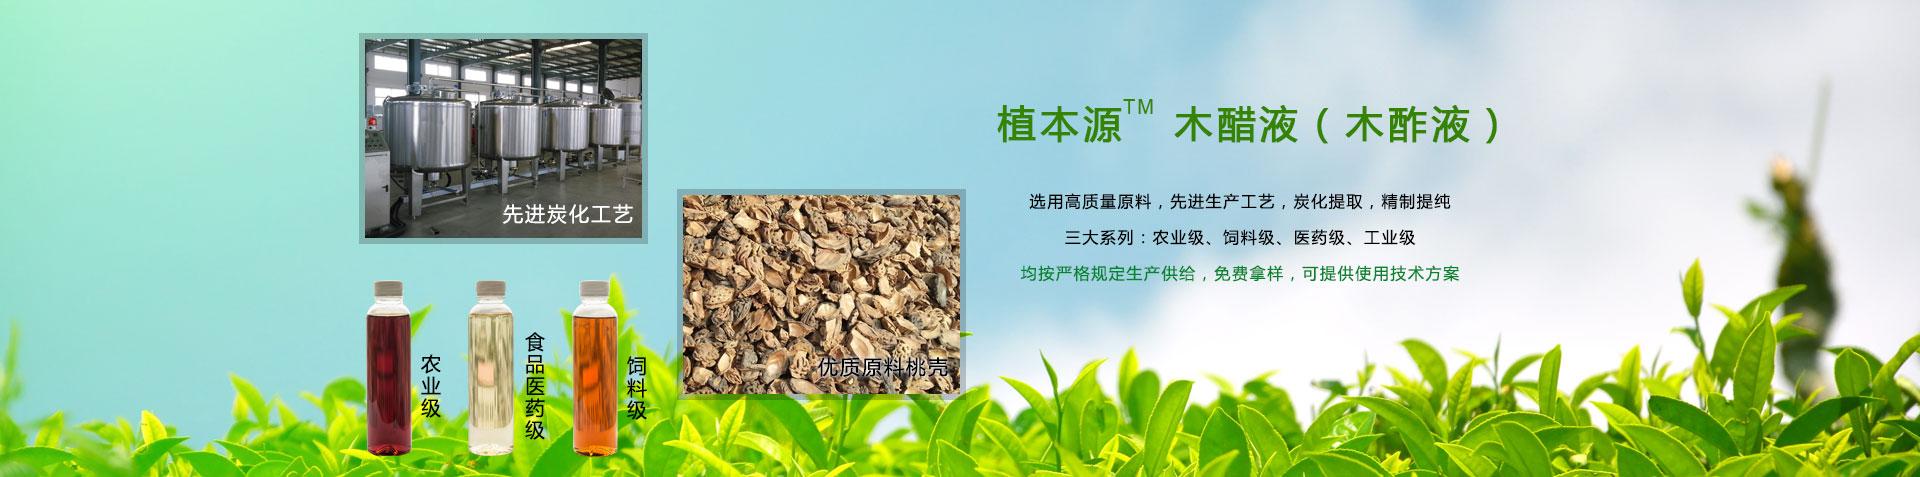 柱状活性炭,果壳活性炭,蜂窝活性炭,椰壳活性炭